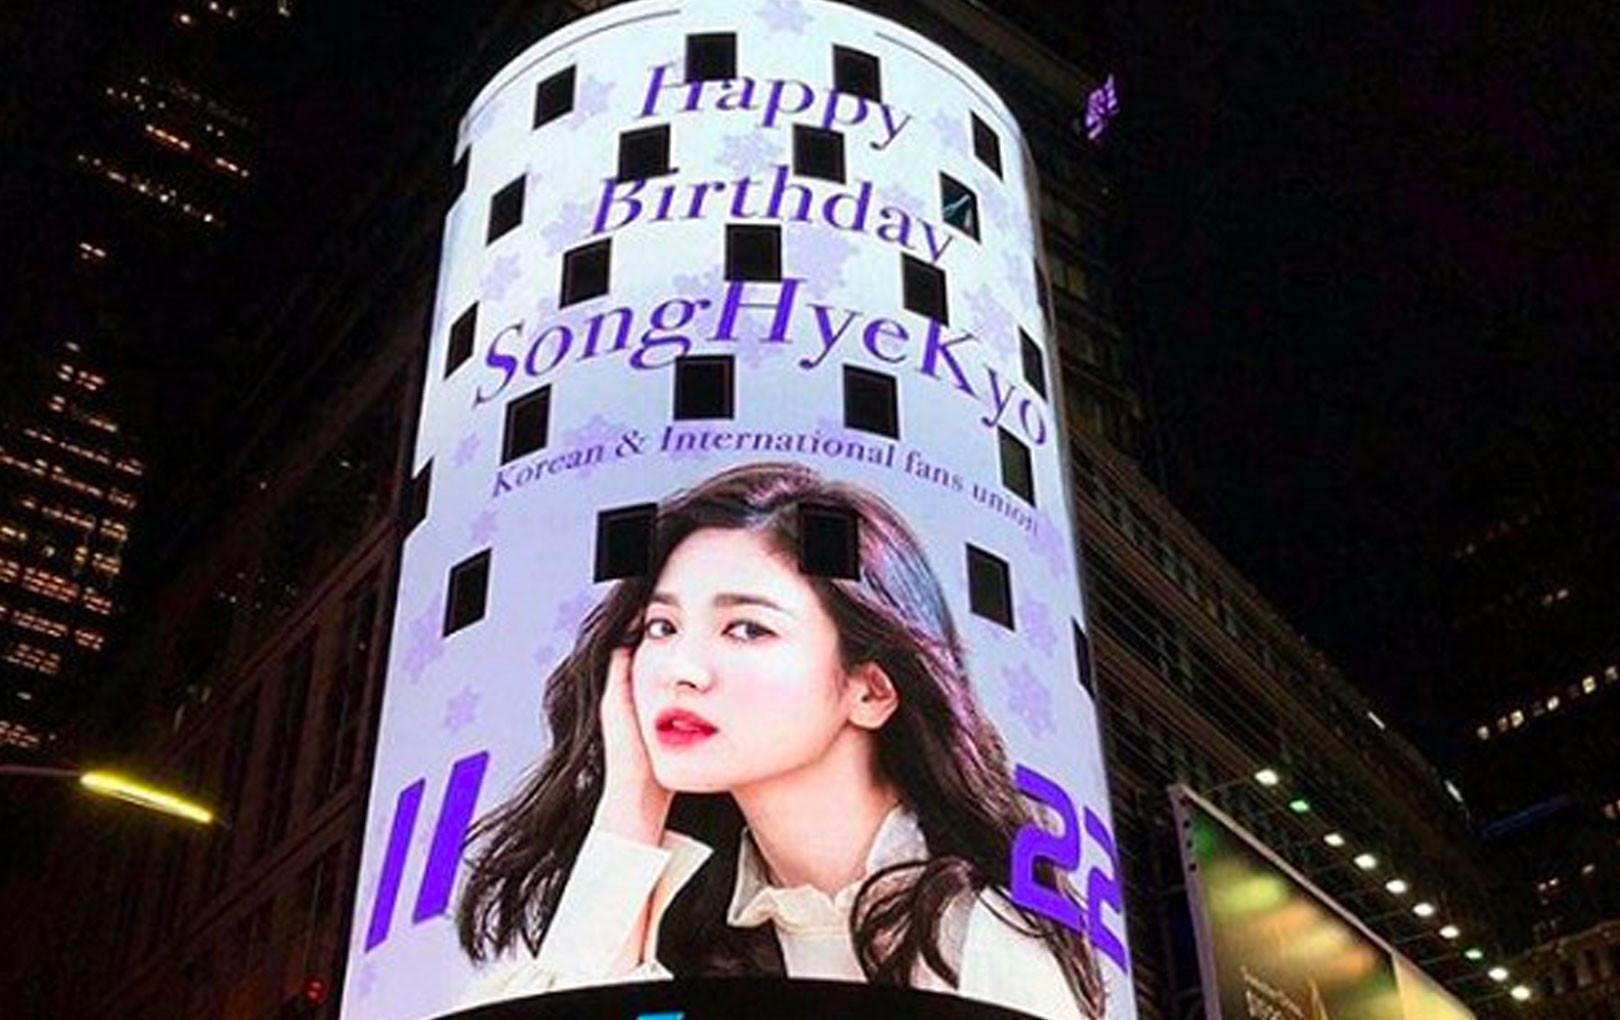 Hình ảnh Song Hye Kyo xuất hiện hoành tráng tại New York nhưng lại bị phát hiện ra chi tiết liên quan đến Song Joong Ki